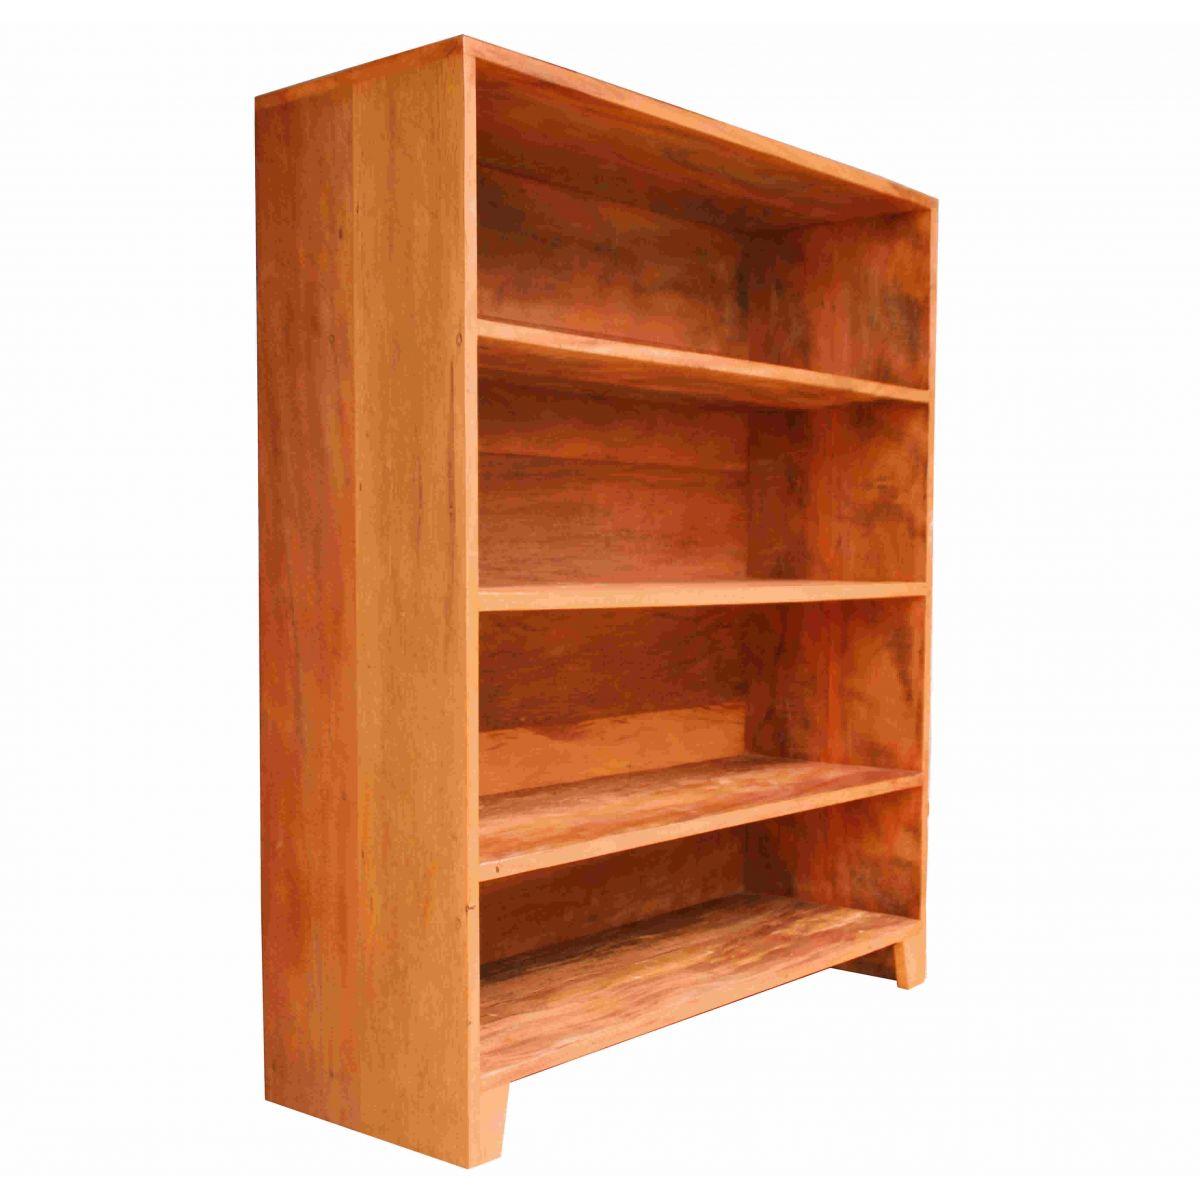 Estante Para Livros 4 Divisórias Em Madeira De Demolição Medindo 1,00x35x1,20